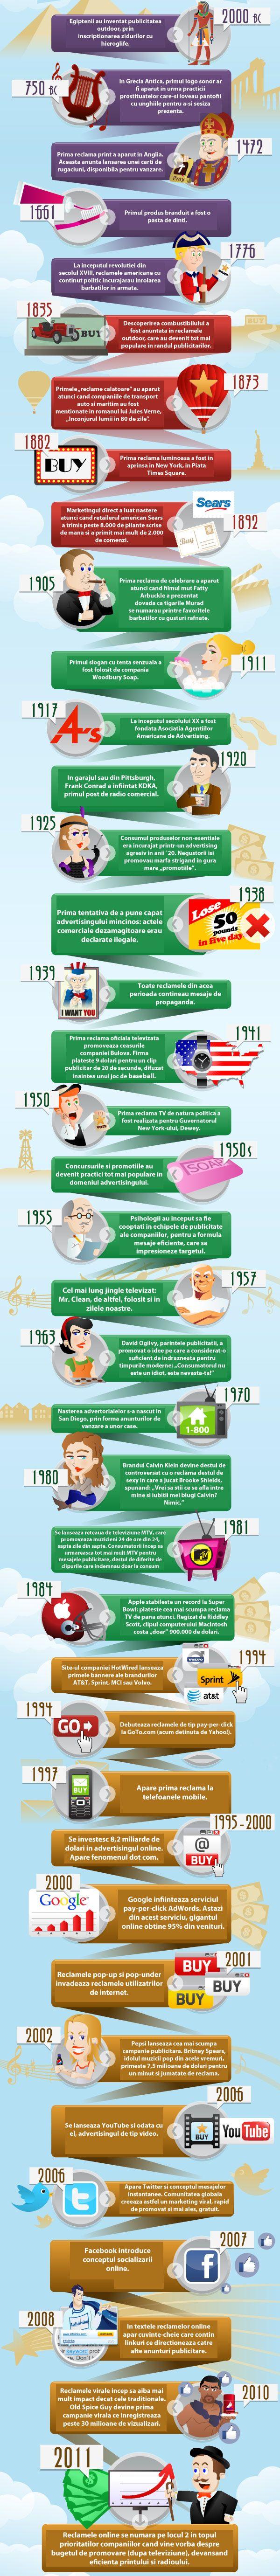 istoria-publicitatii